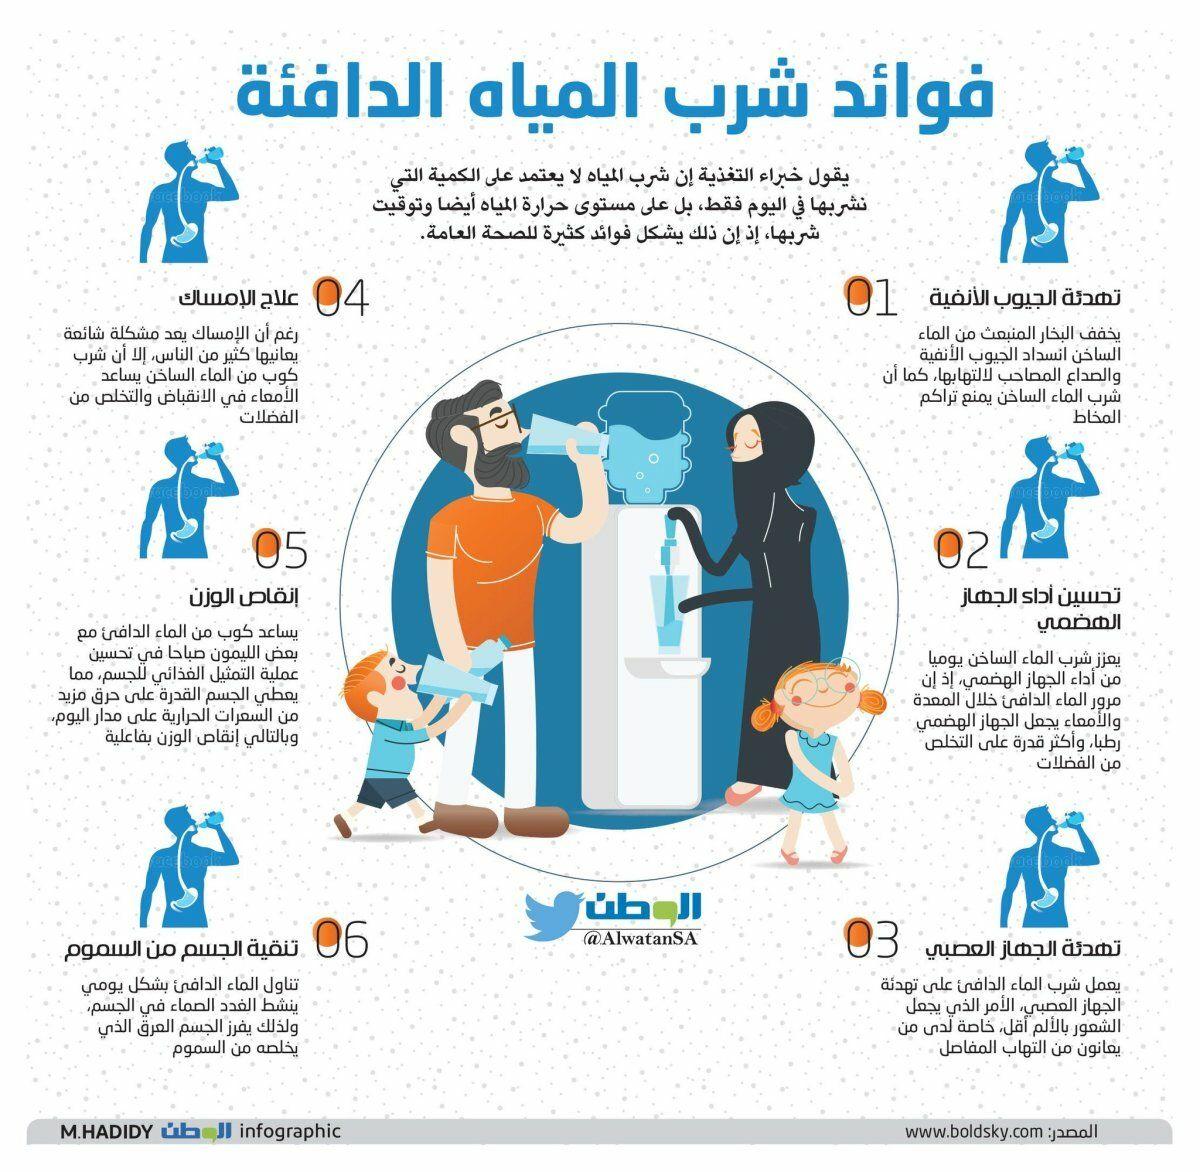 فوائد شرب المياه الدافئة صحة تخسيس انفوجرافيك انفوجرافيك عربي Health Fitness Food Health Fitness Nutrition Workout Food